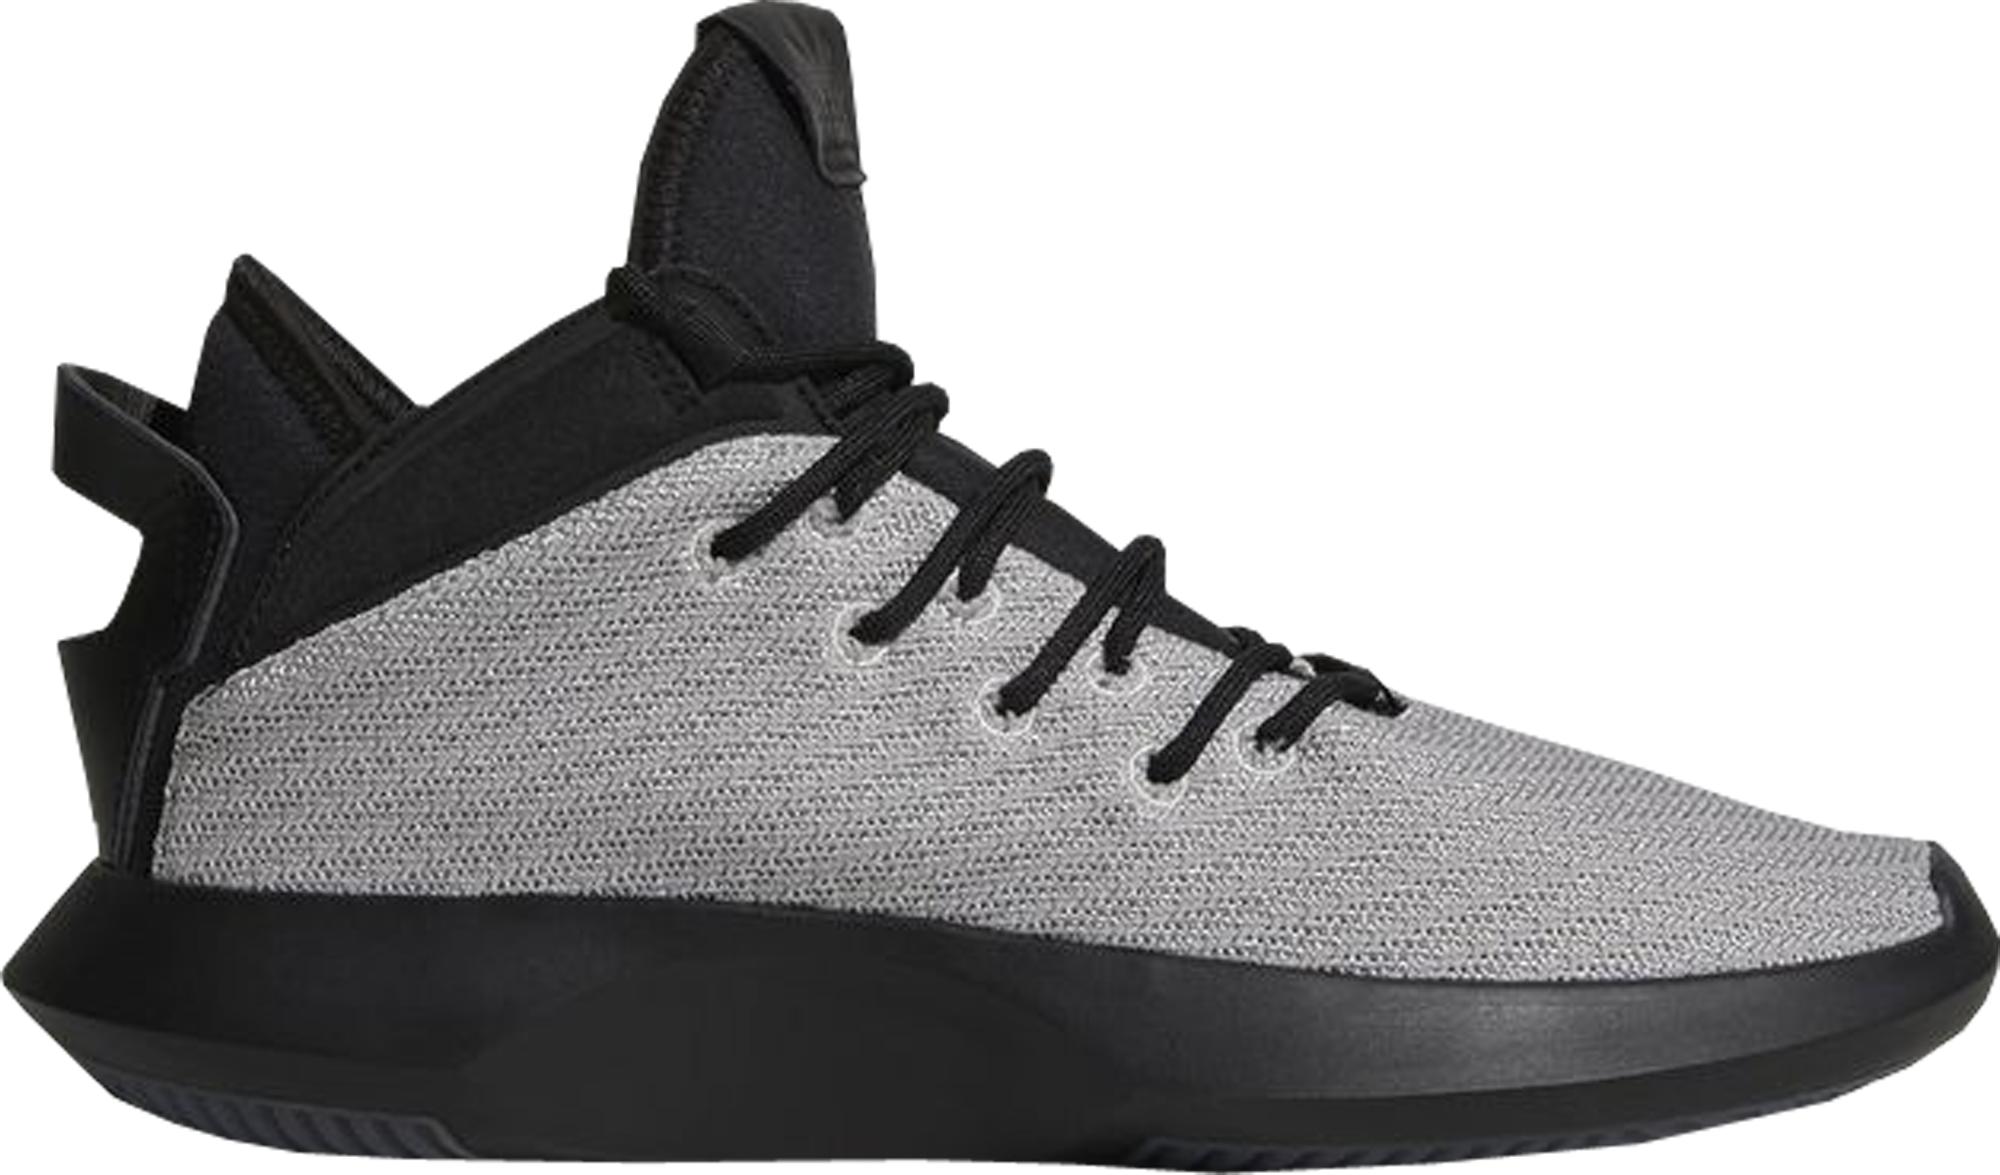 Adidas pazzo 1 anticipo le scarpe per vendita